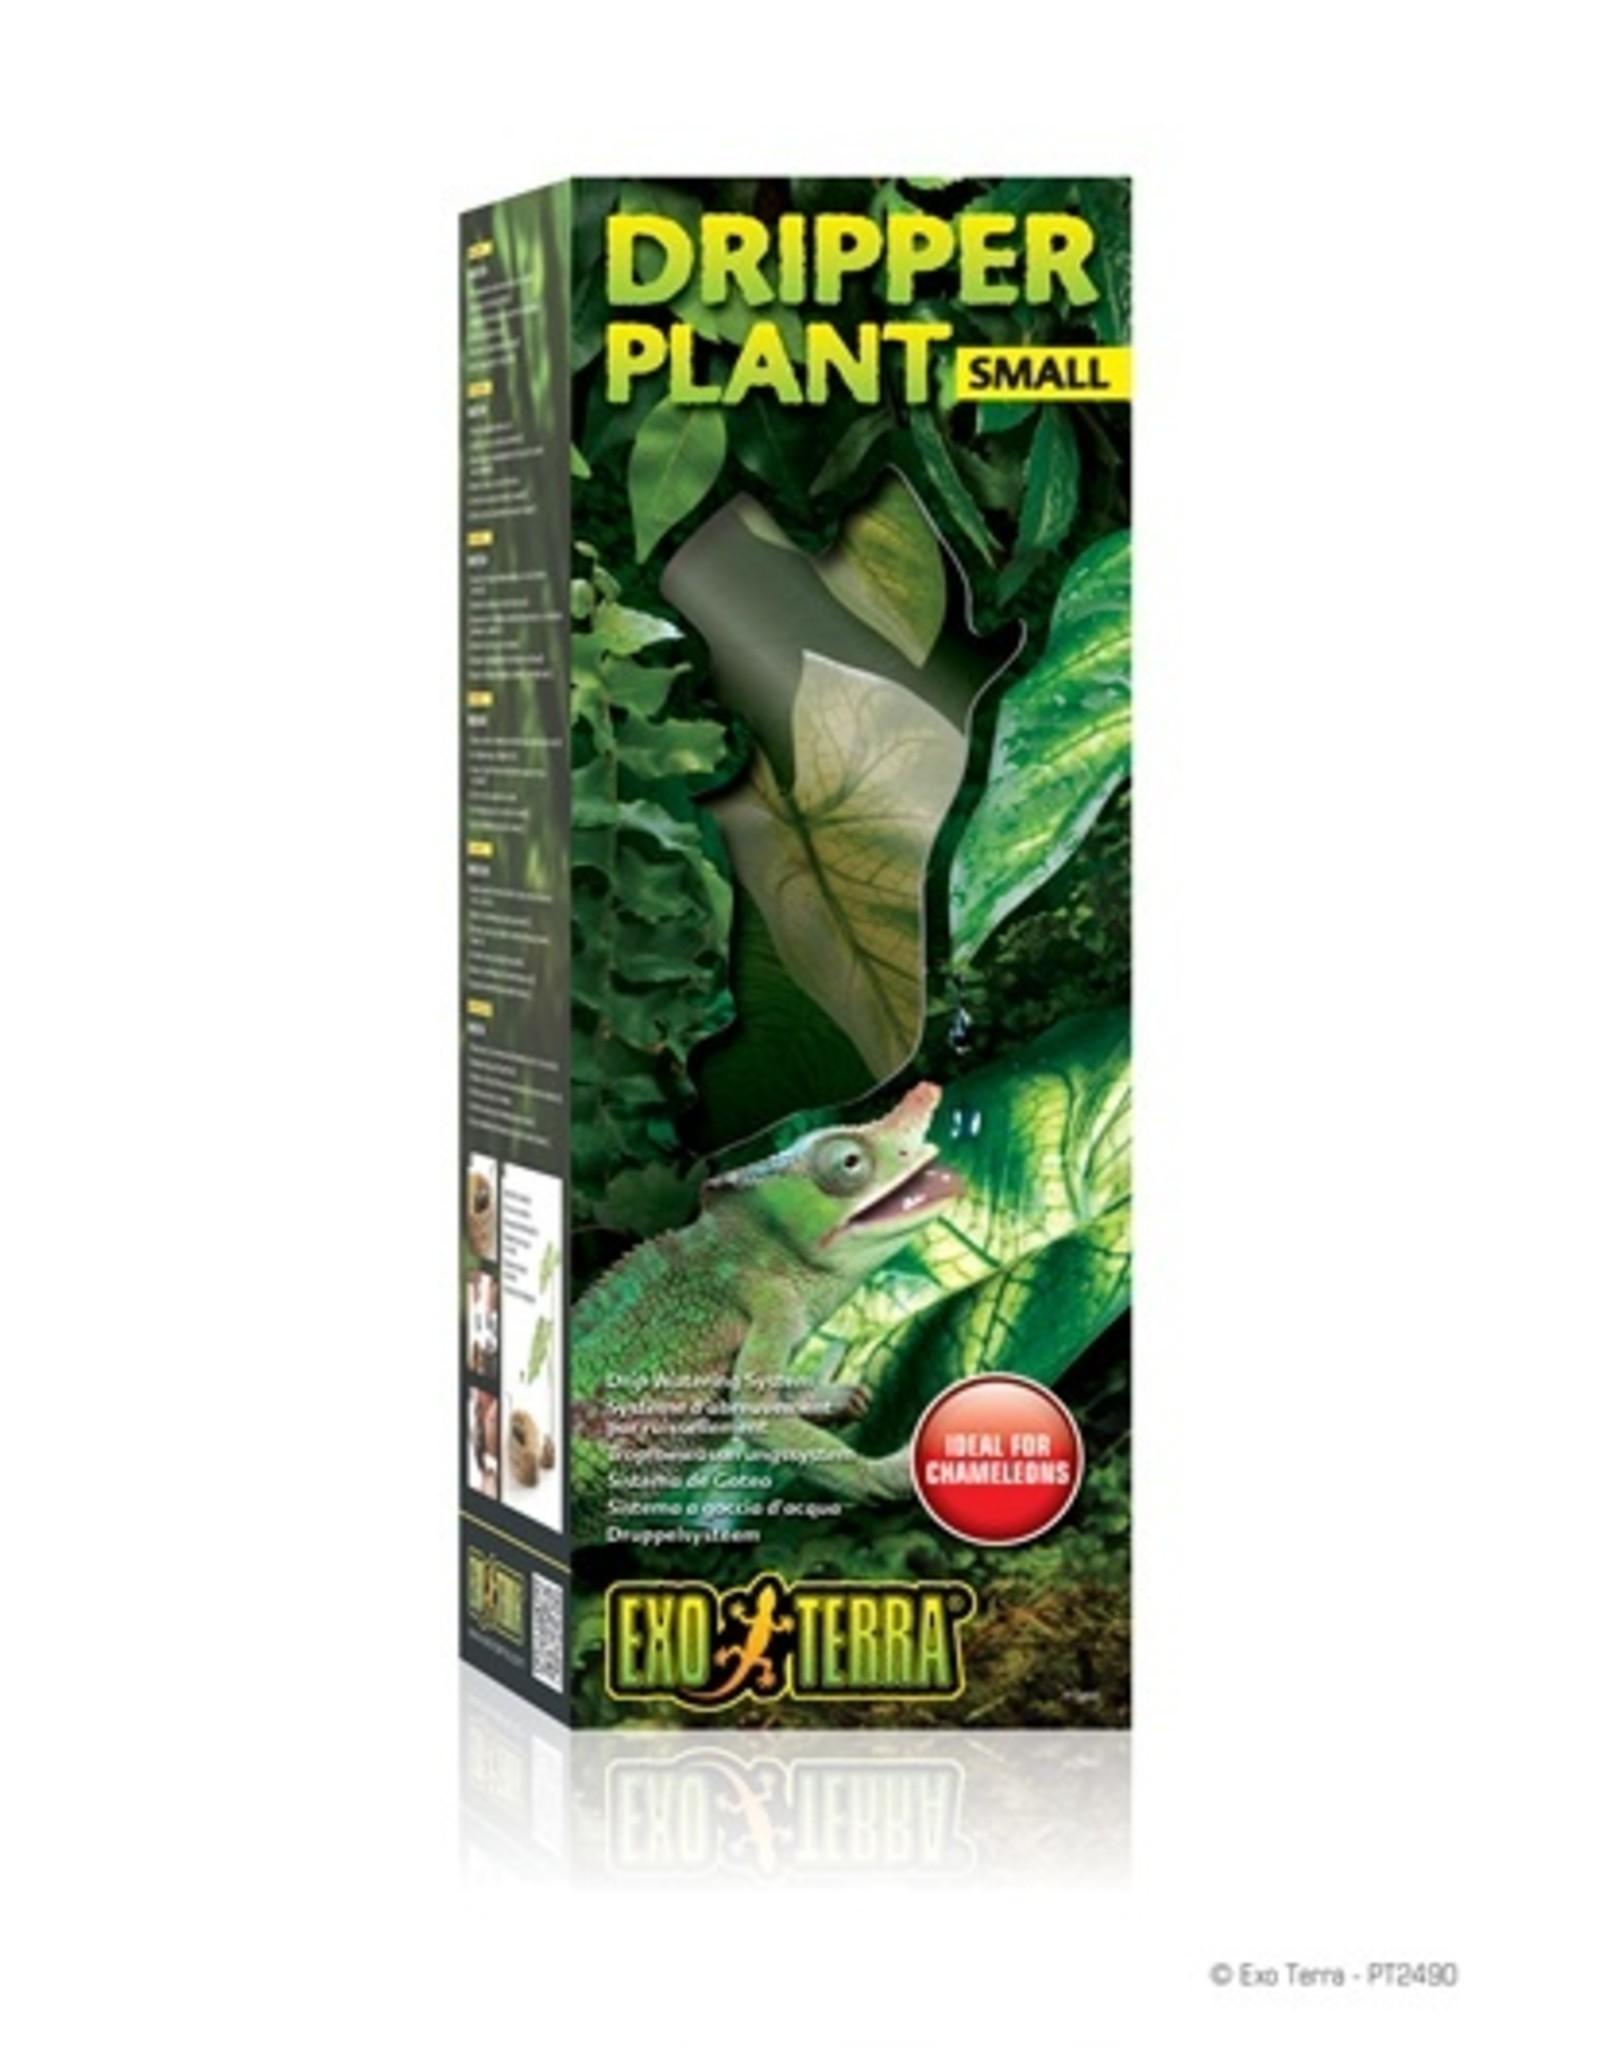 Exo Terra EXO TERRA Dripper Plant